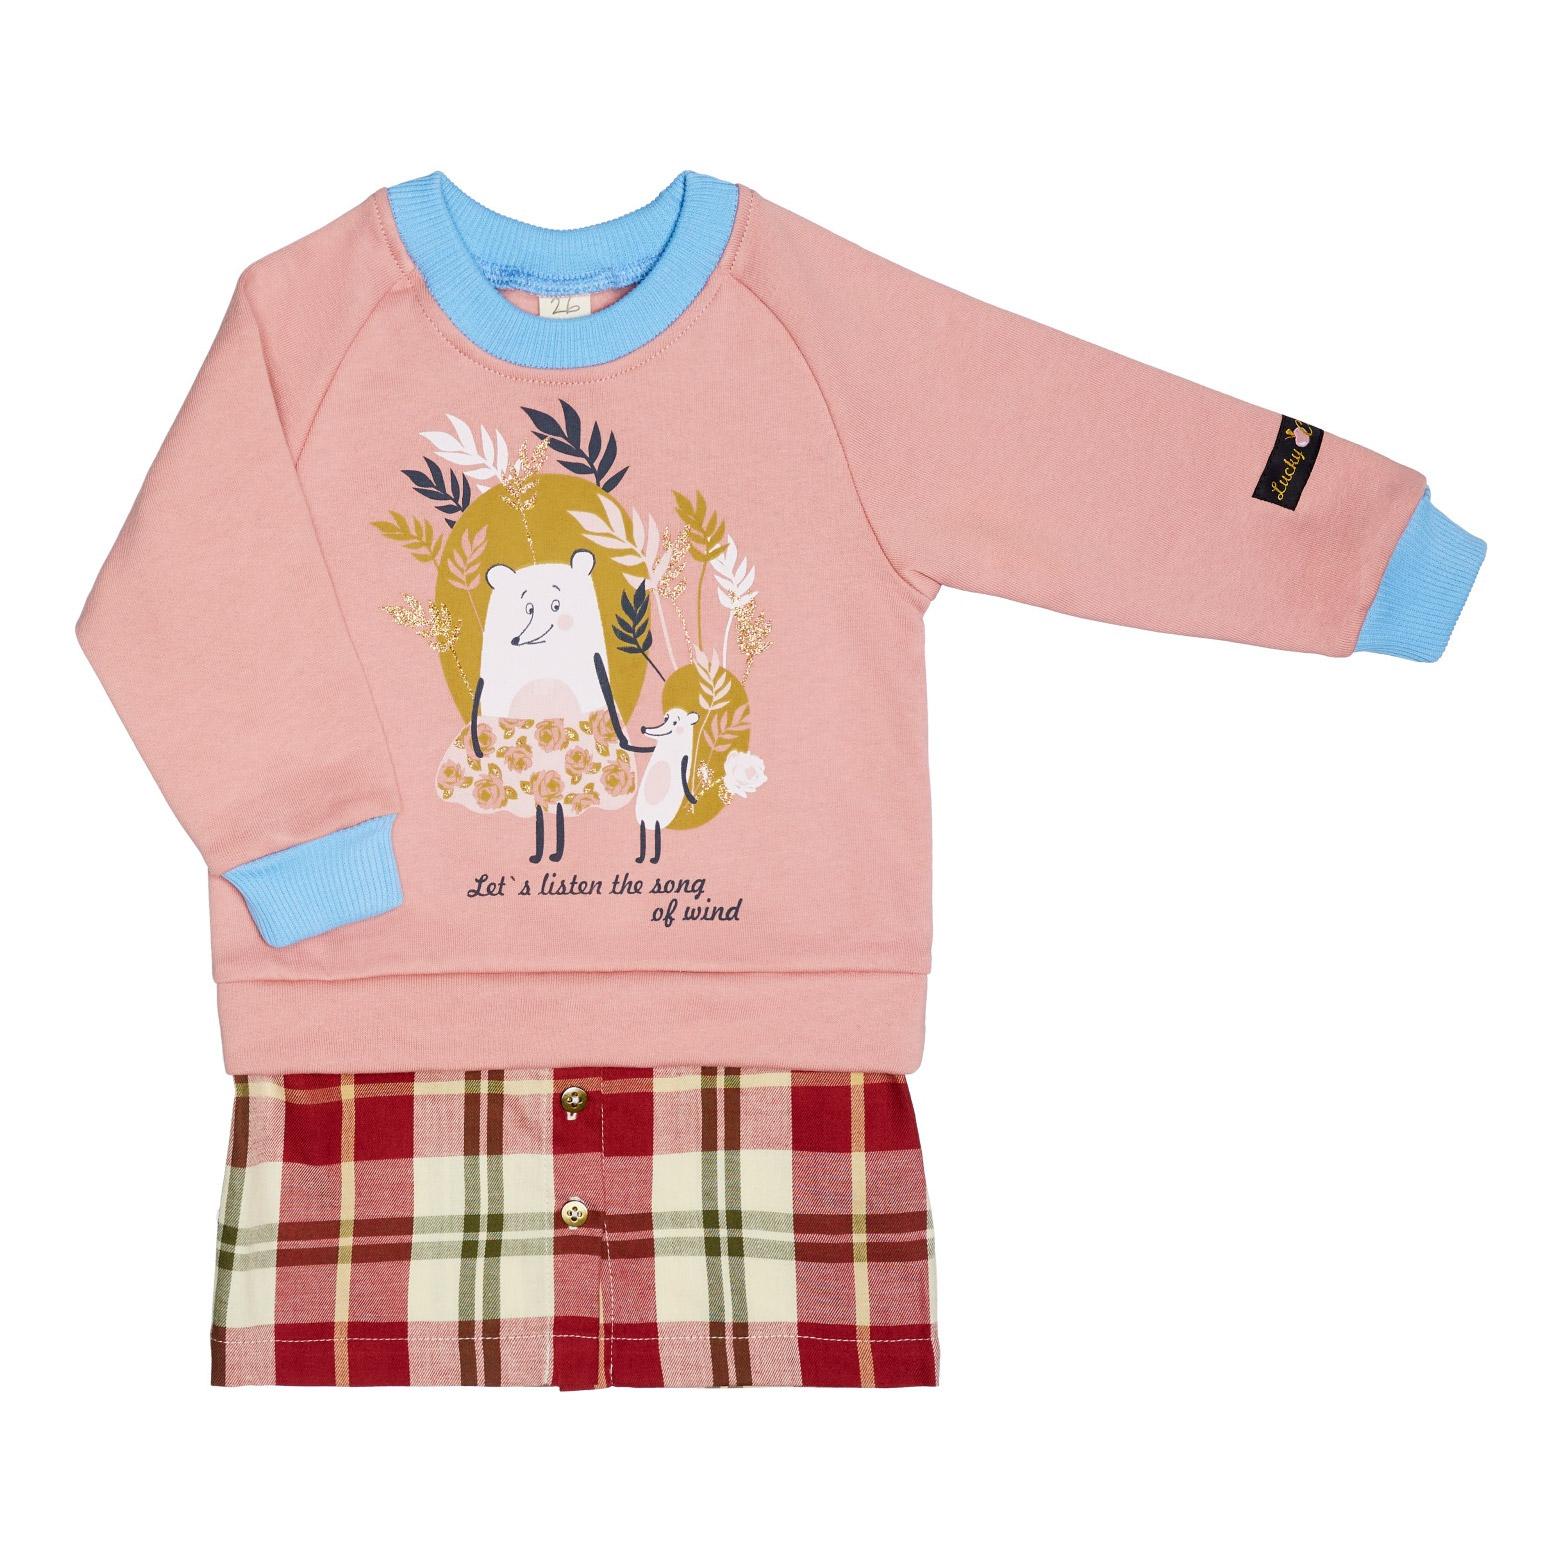 Купить Платье Lucky Child Осенний лес розовое 104-110, Розовый, Футер, Для девочек, Осень-Зима,